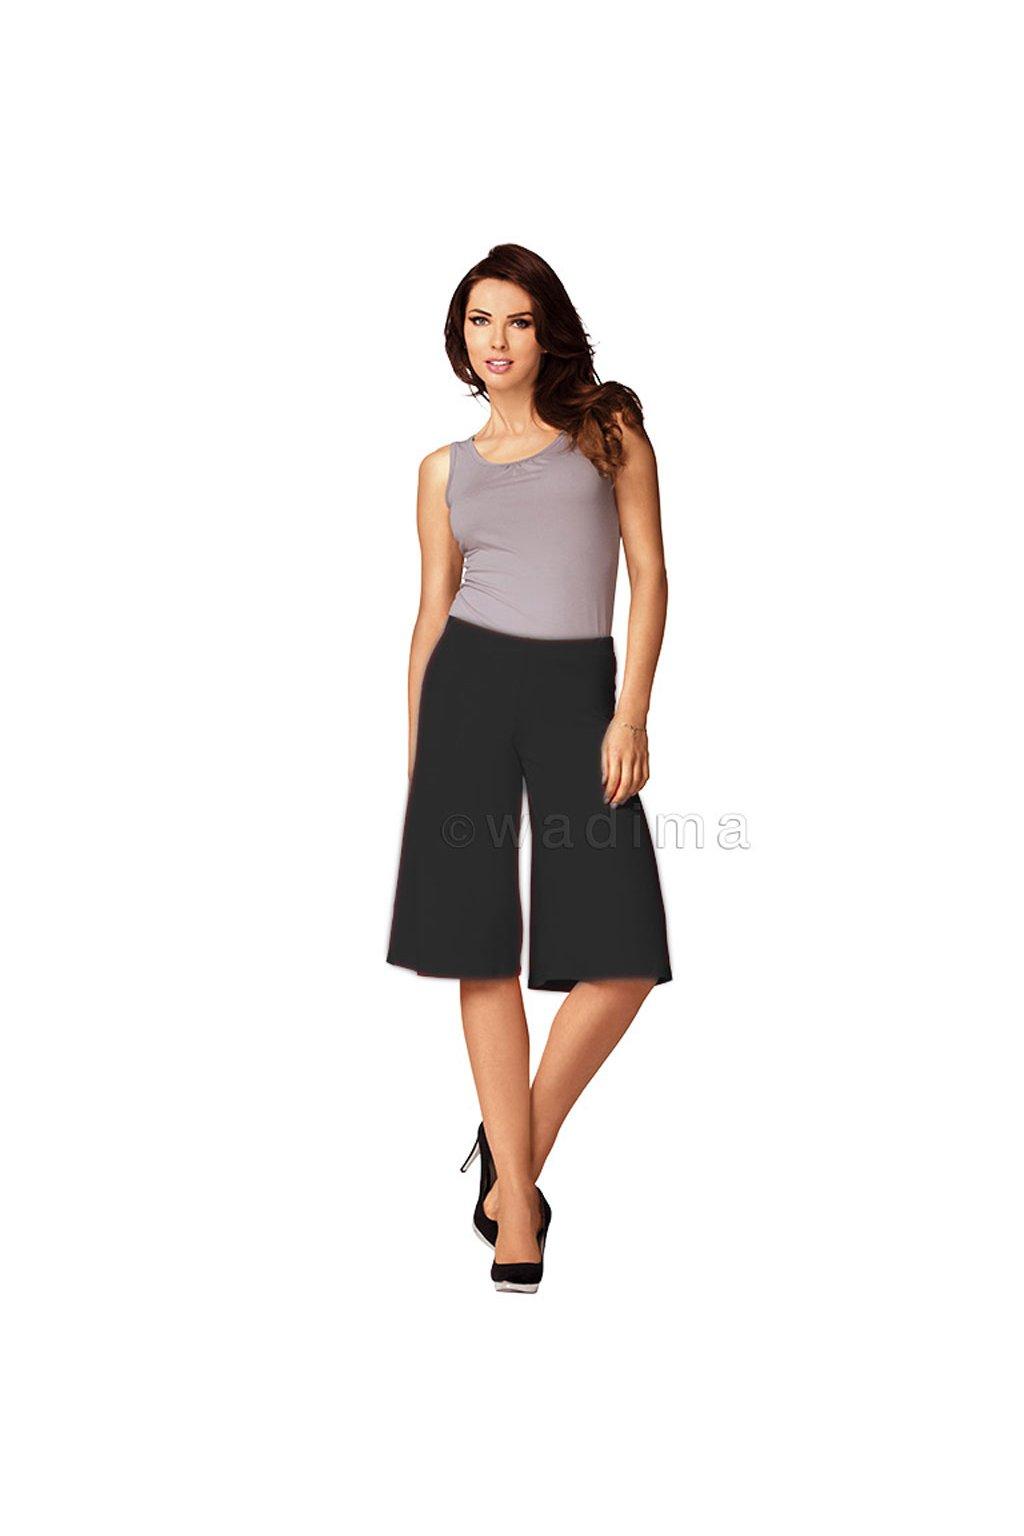 Dámské kalhoty, 10105 29, černá